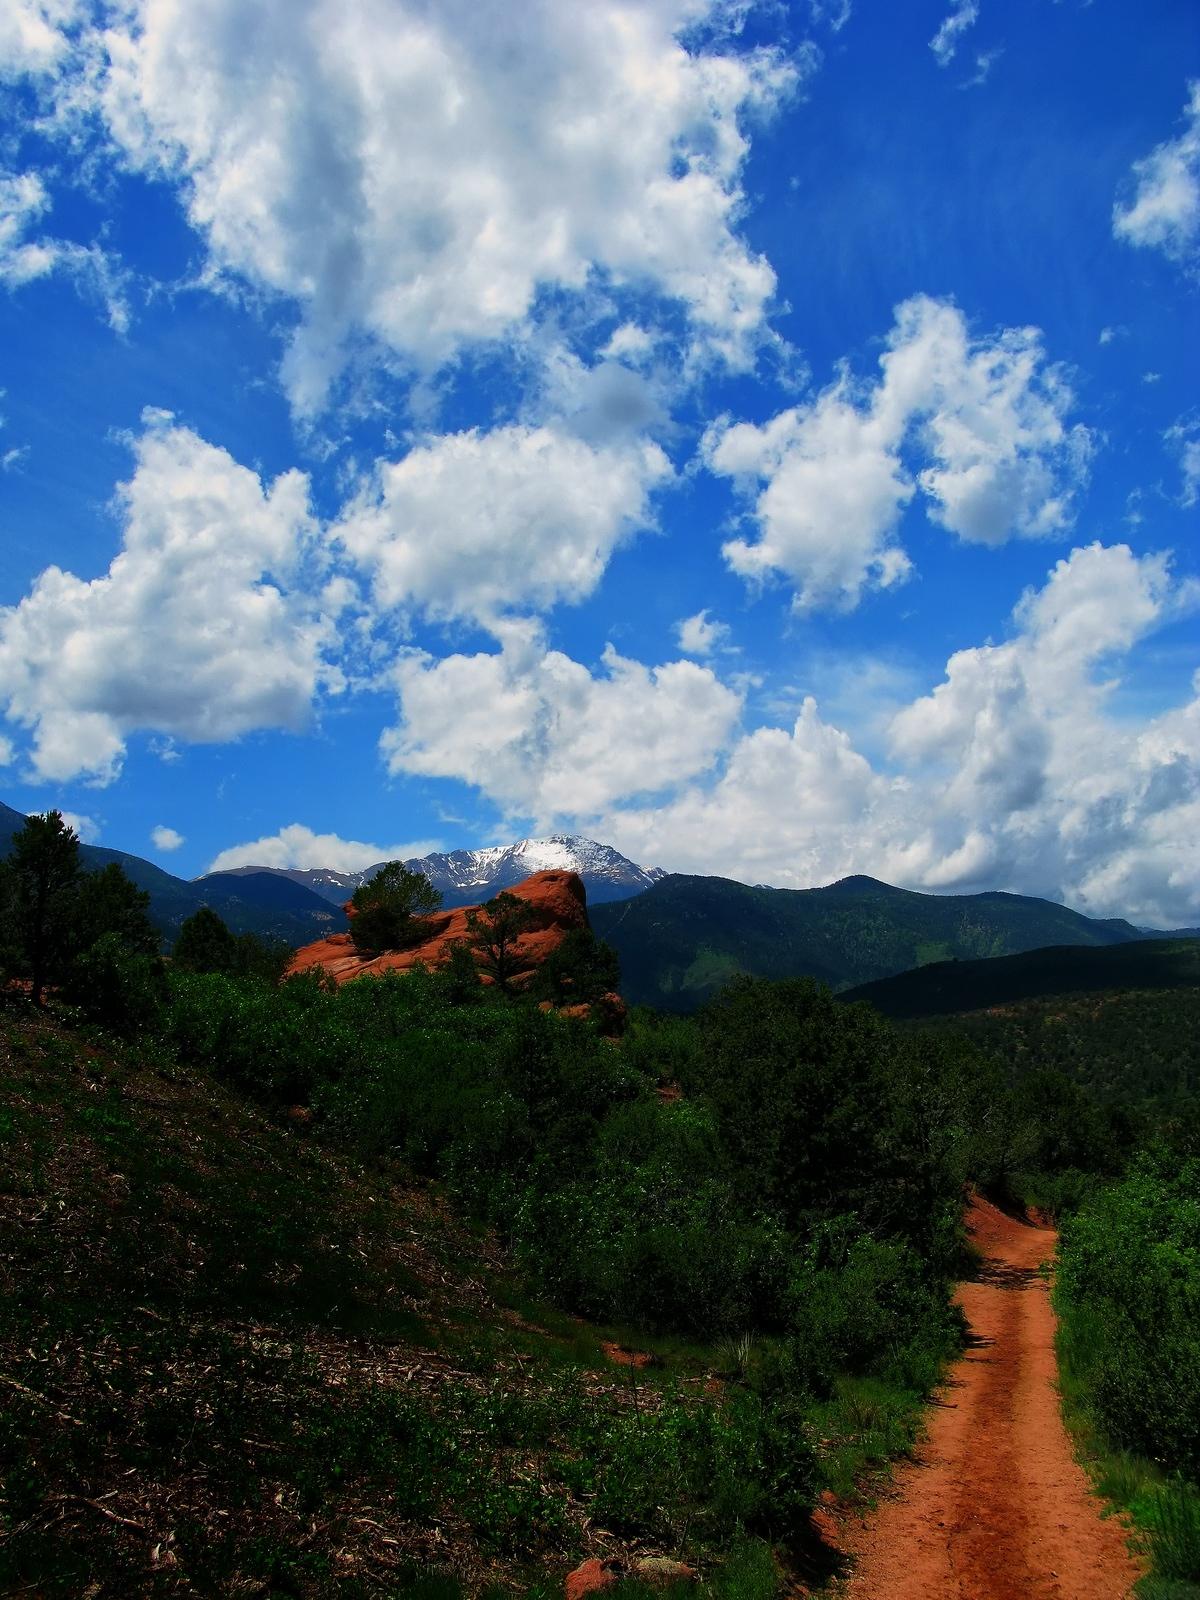 colarado, colarado springs, pikes peak,, photo